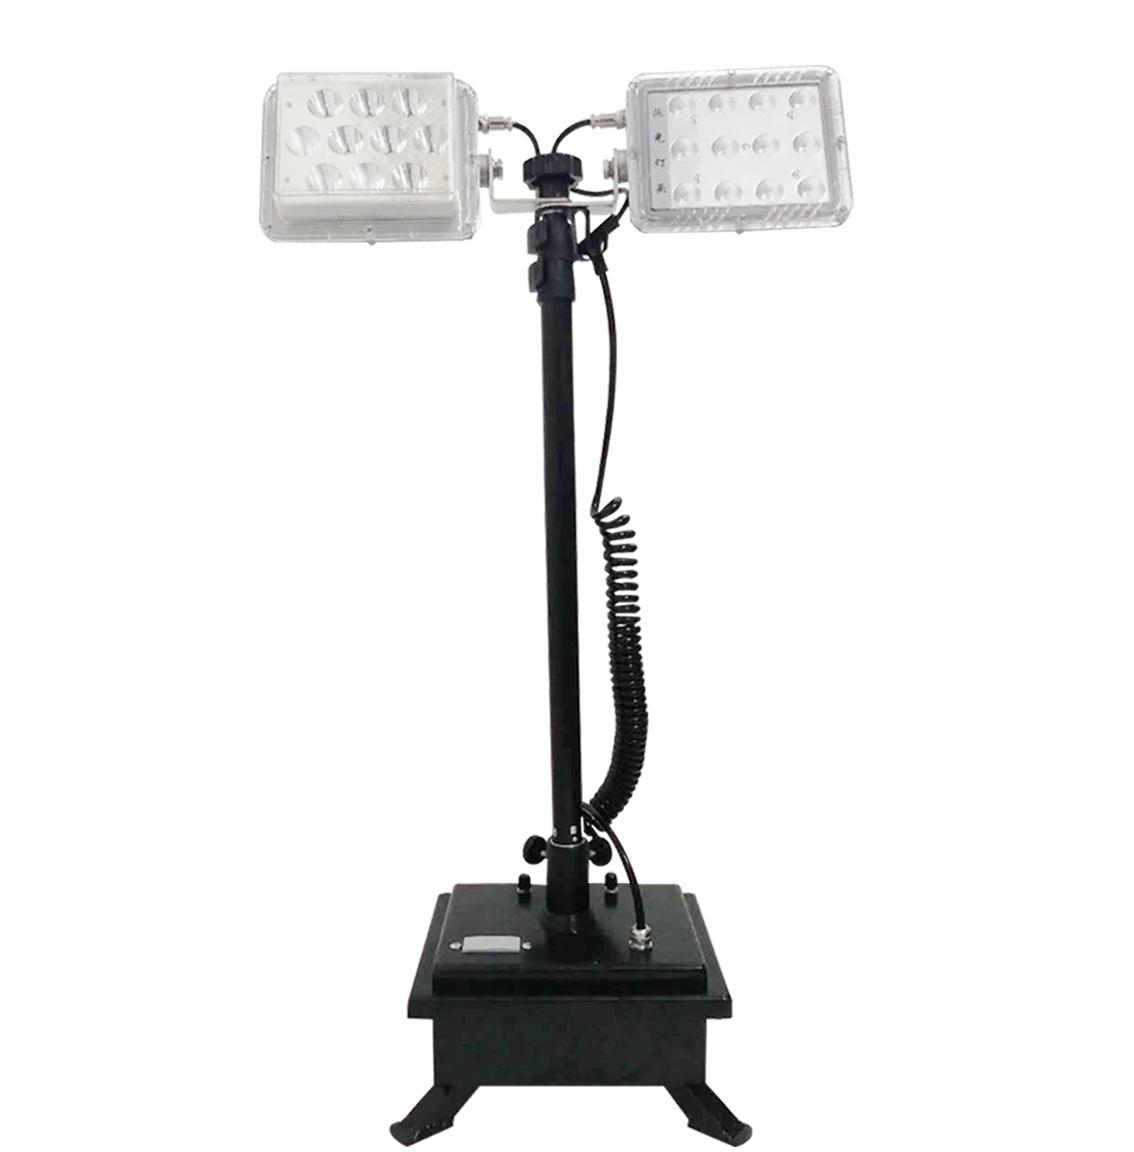 移动升降式强光工作灯,远光和泛光照明